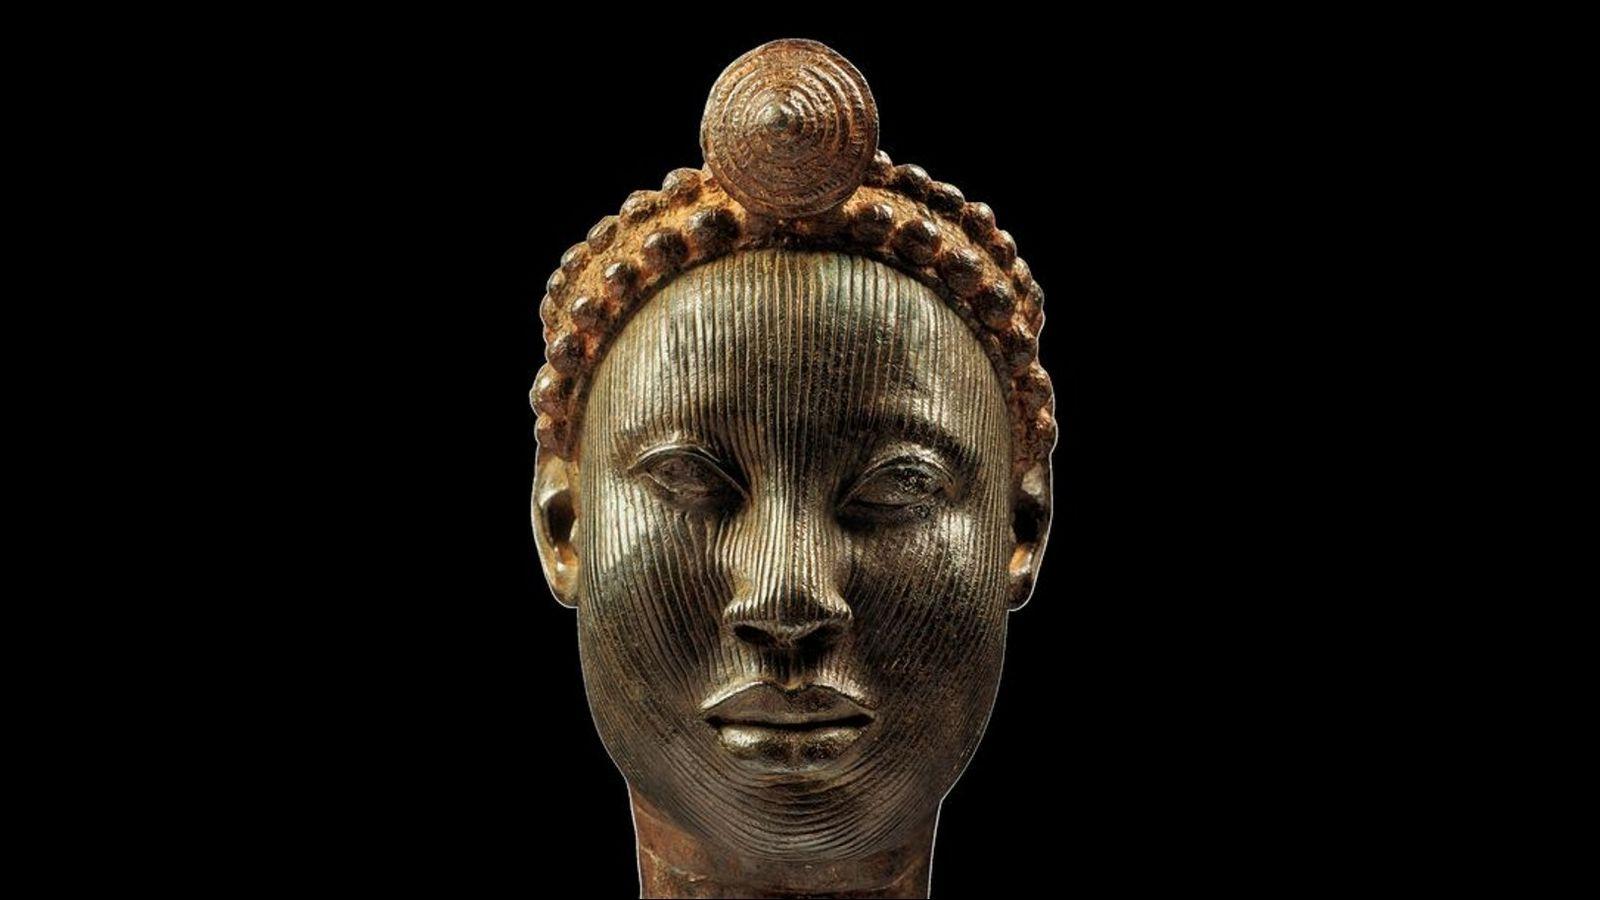 Les têtes d'Ife, chefs-d'œuvre de l'art nigérian.